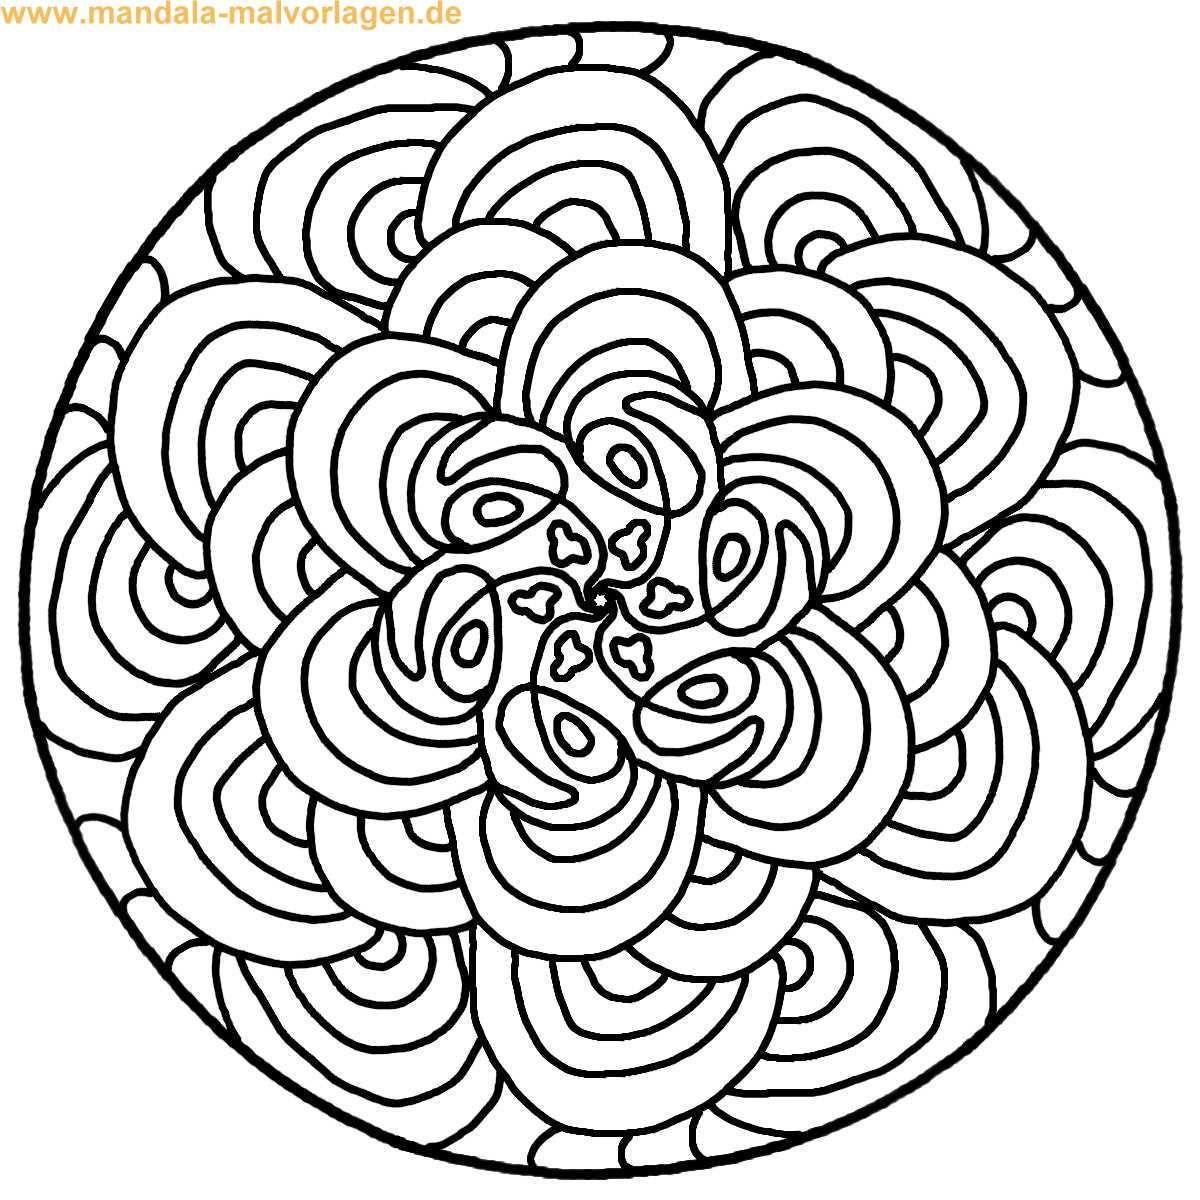 Mandalas zum ausdrucken - Dibujos para colorear - IMAGIXS | Mandalas ...